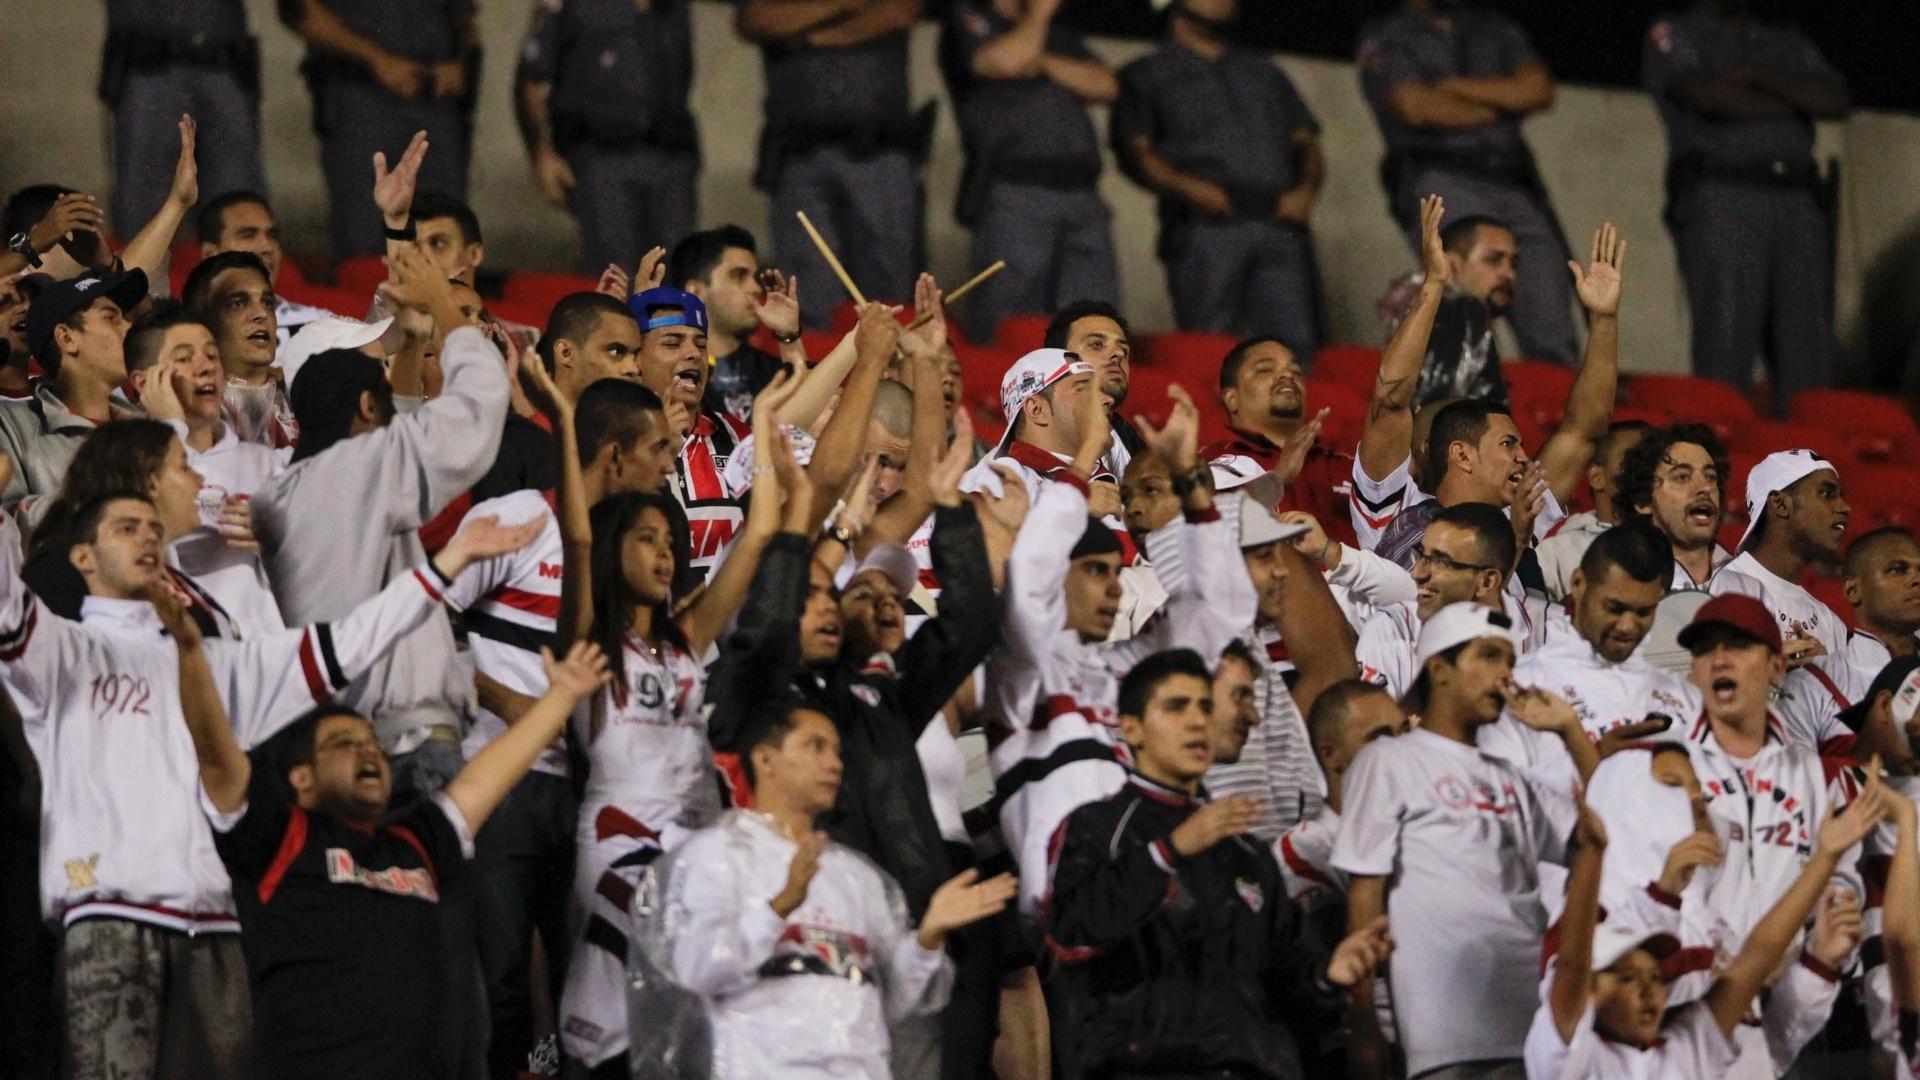 Torcedores do São Paulo protestam no Morumbi e pedem 'raça' durante a partida contra o XV de Piracicaba